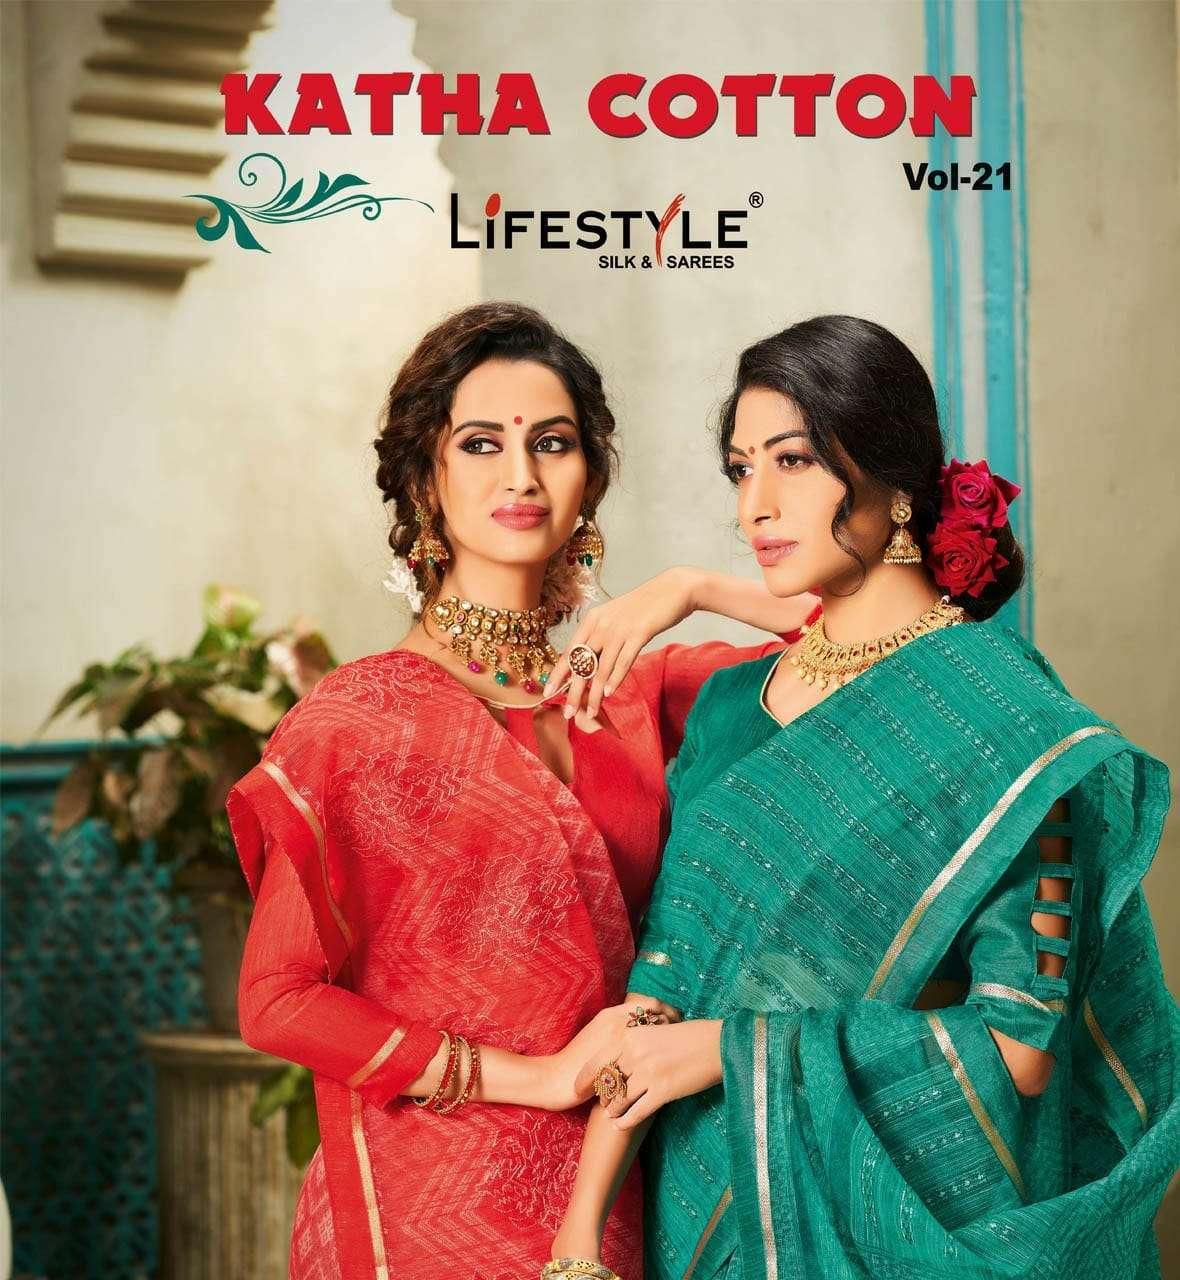 Lifestyle Kantha Cotton Vol 2 Rajjo Net Cotton Printed Sarees Collection